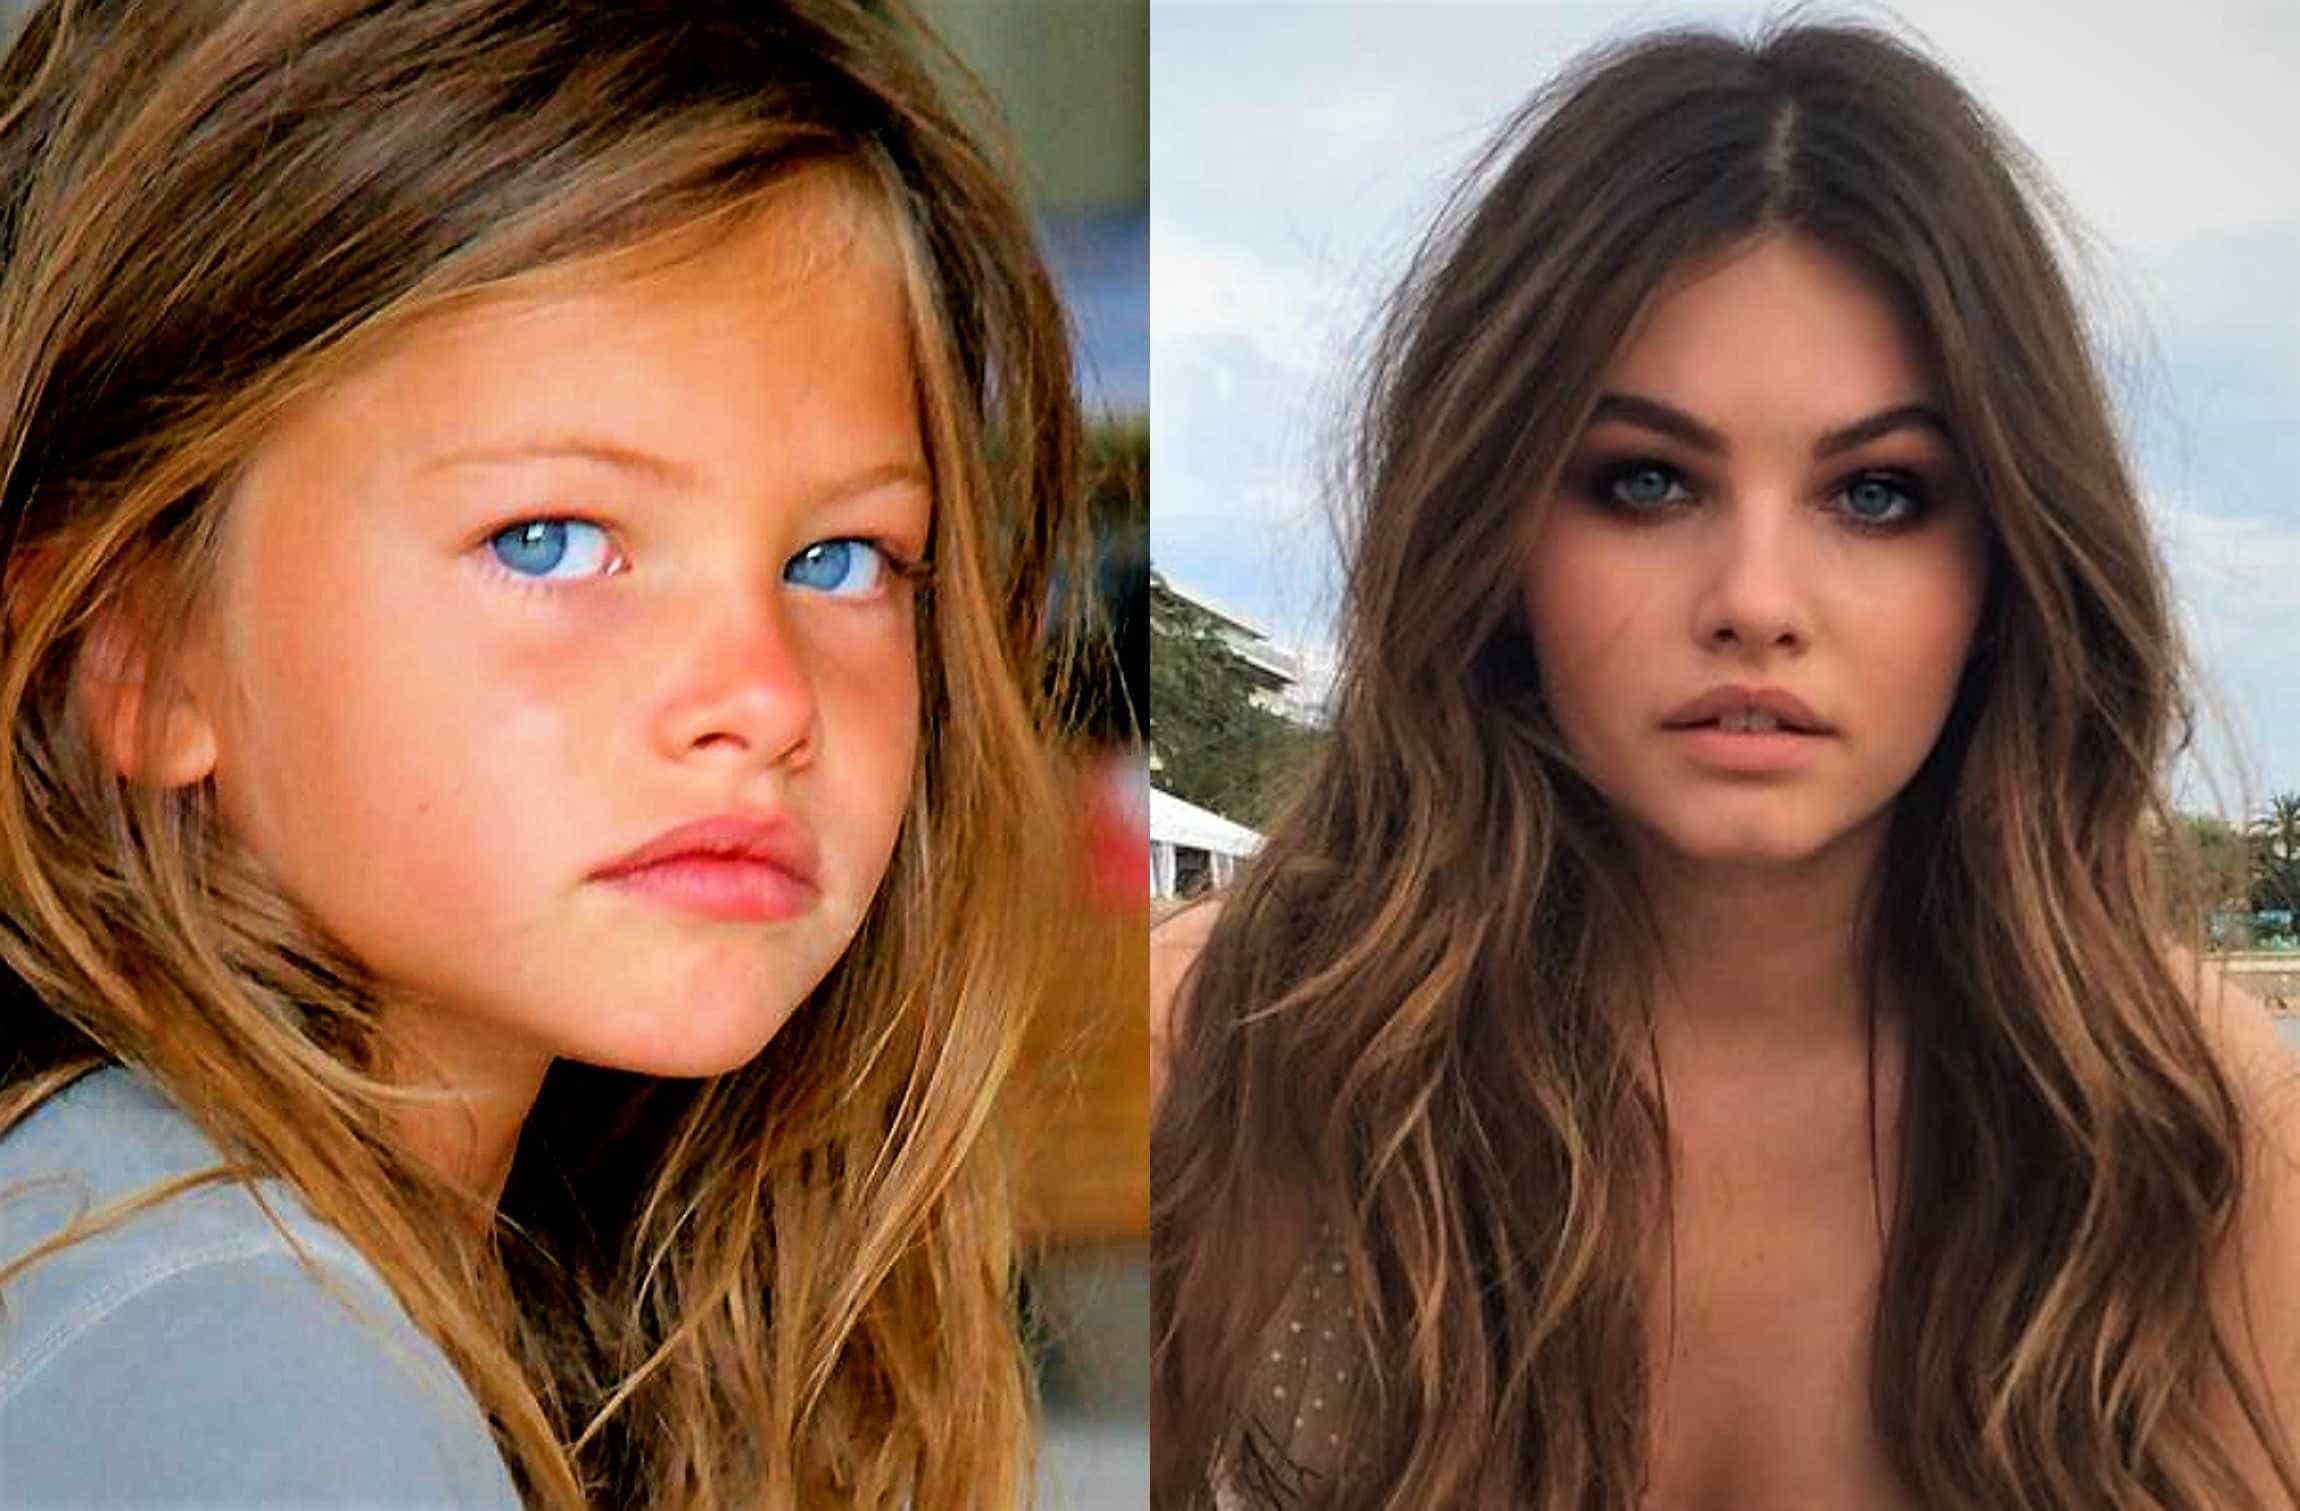 Eleita 'menina mais bonita do mundo', modelo lança marca de roupas